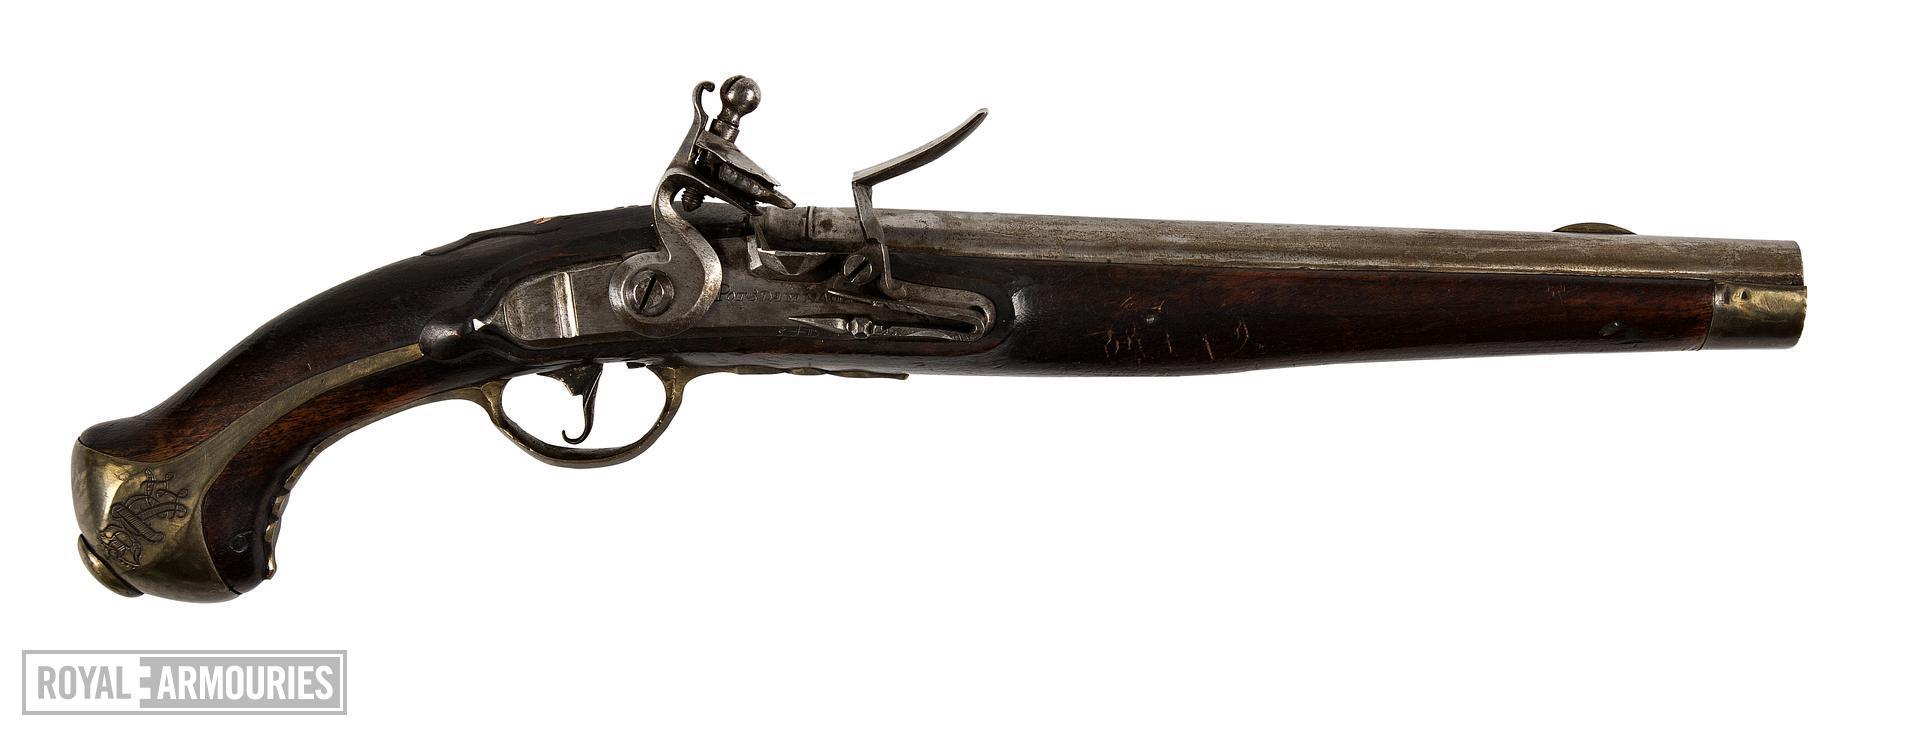 Flintlock muzzle-loading pistol - Model 1789 (conversion) Flintlock muzzle-loading pistol, Model 1789 (conversion), about 1789.